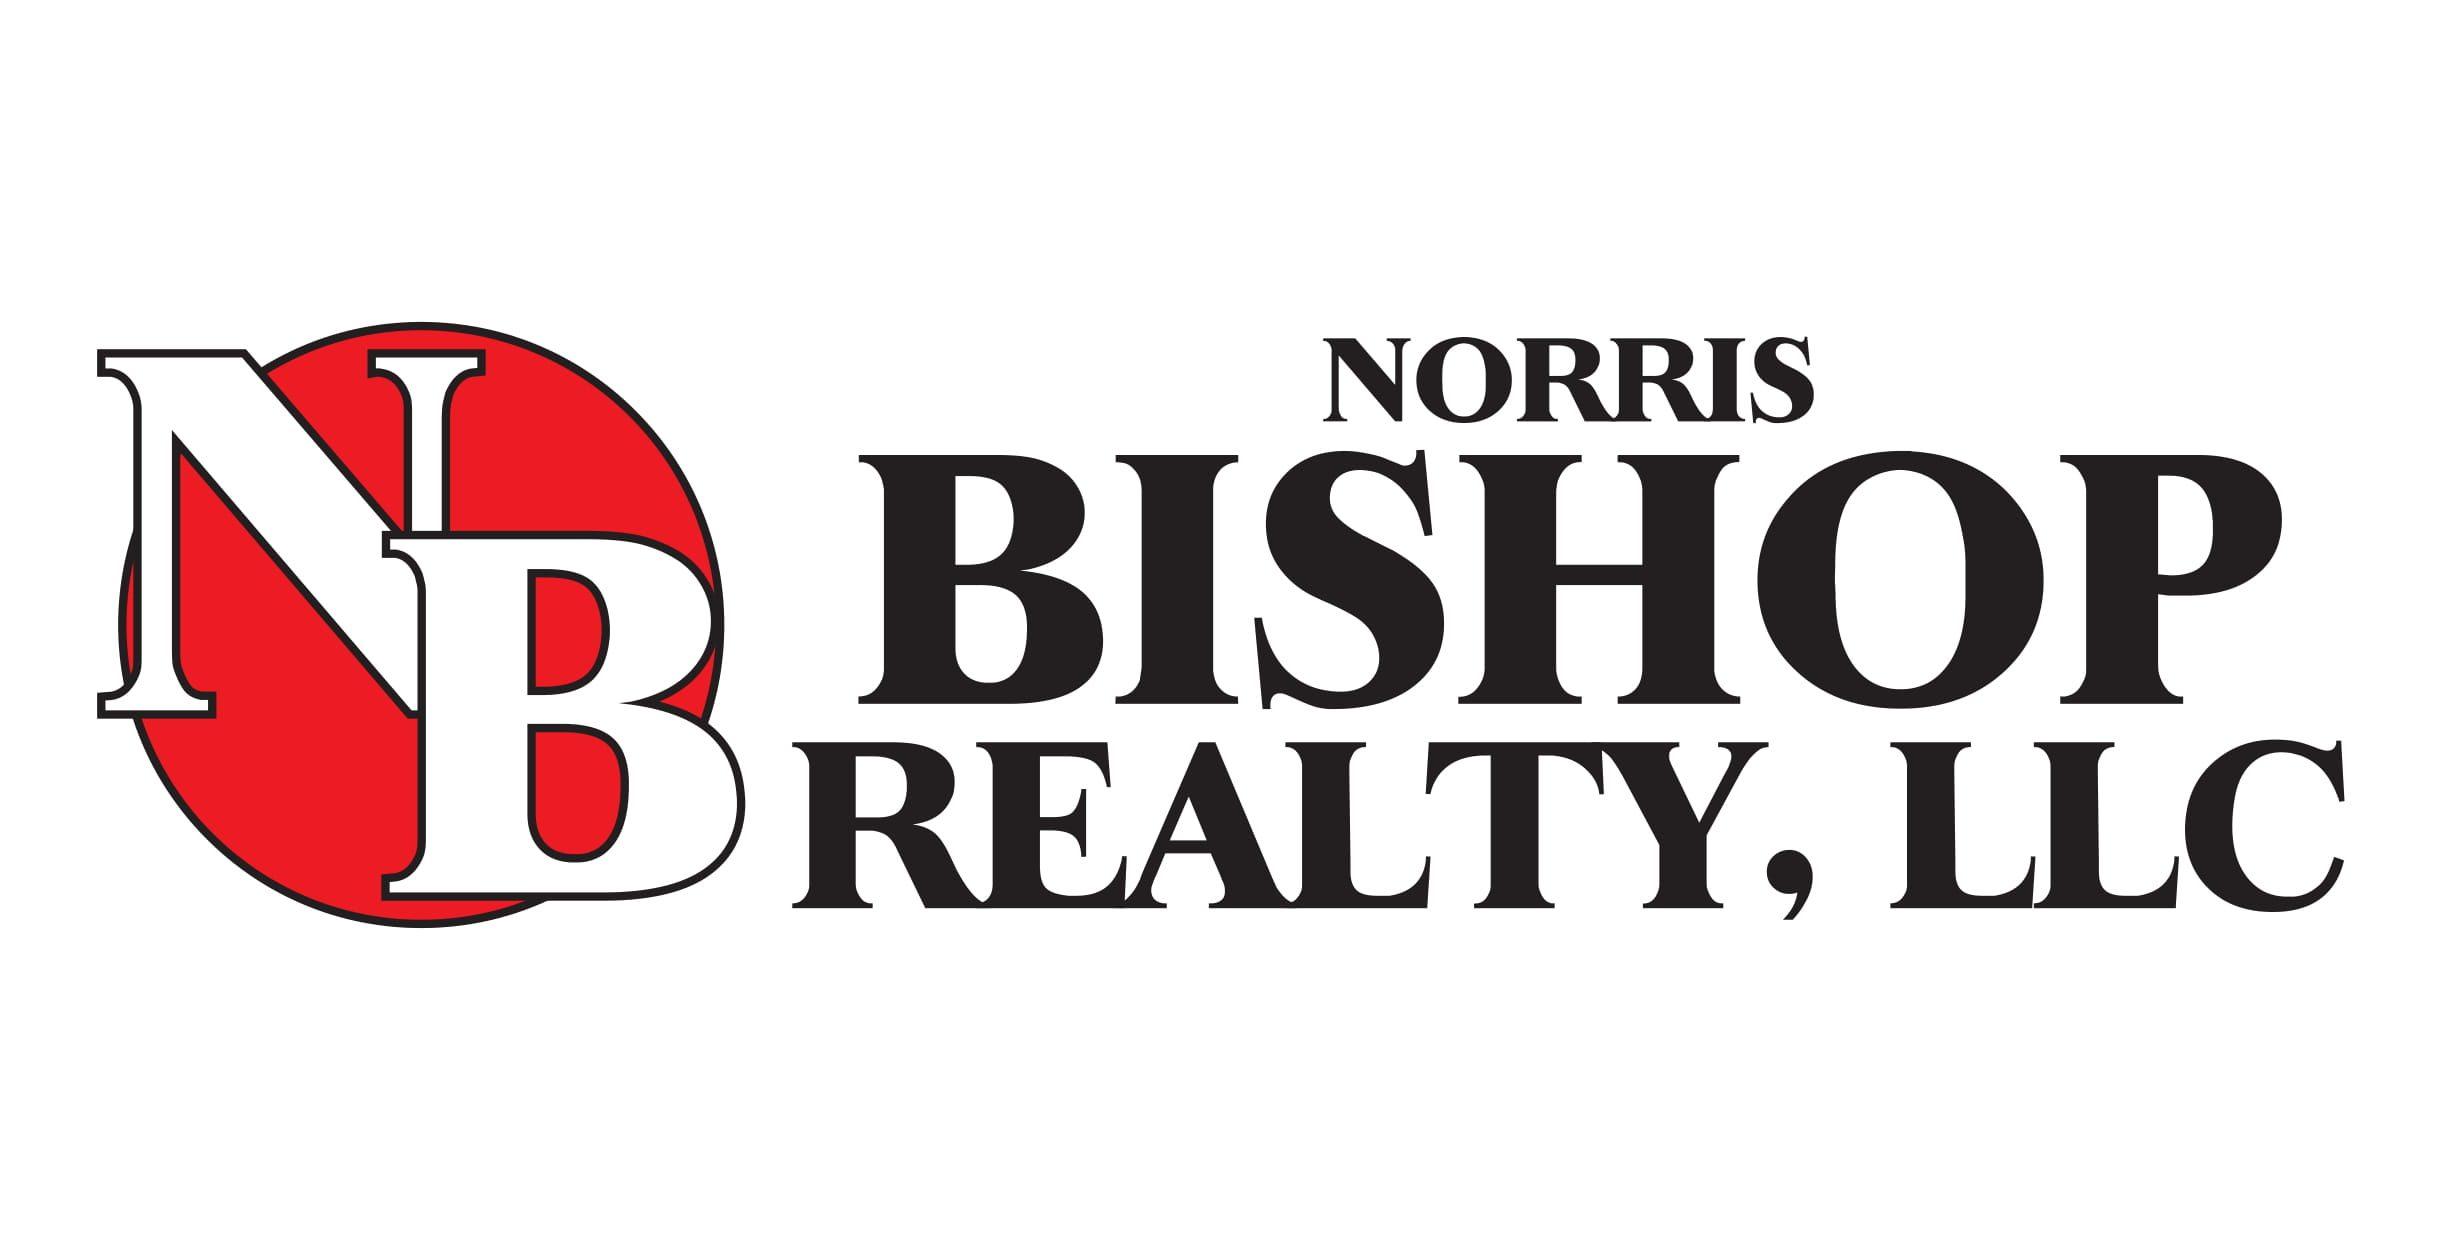 Norris Bishop Realty